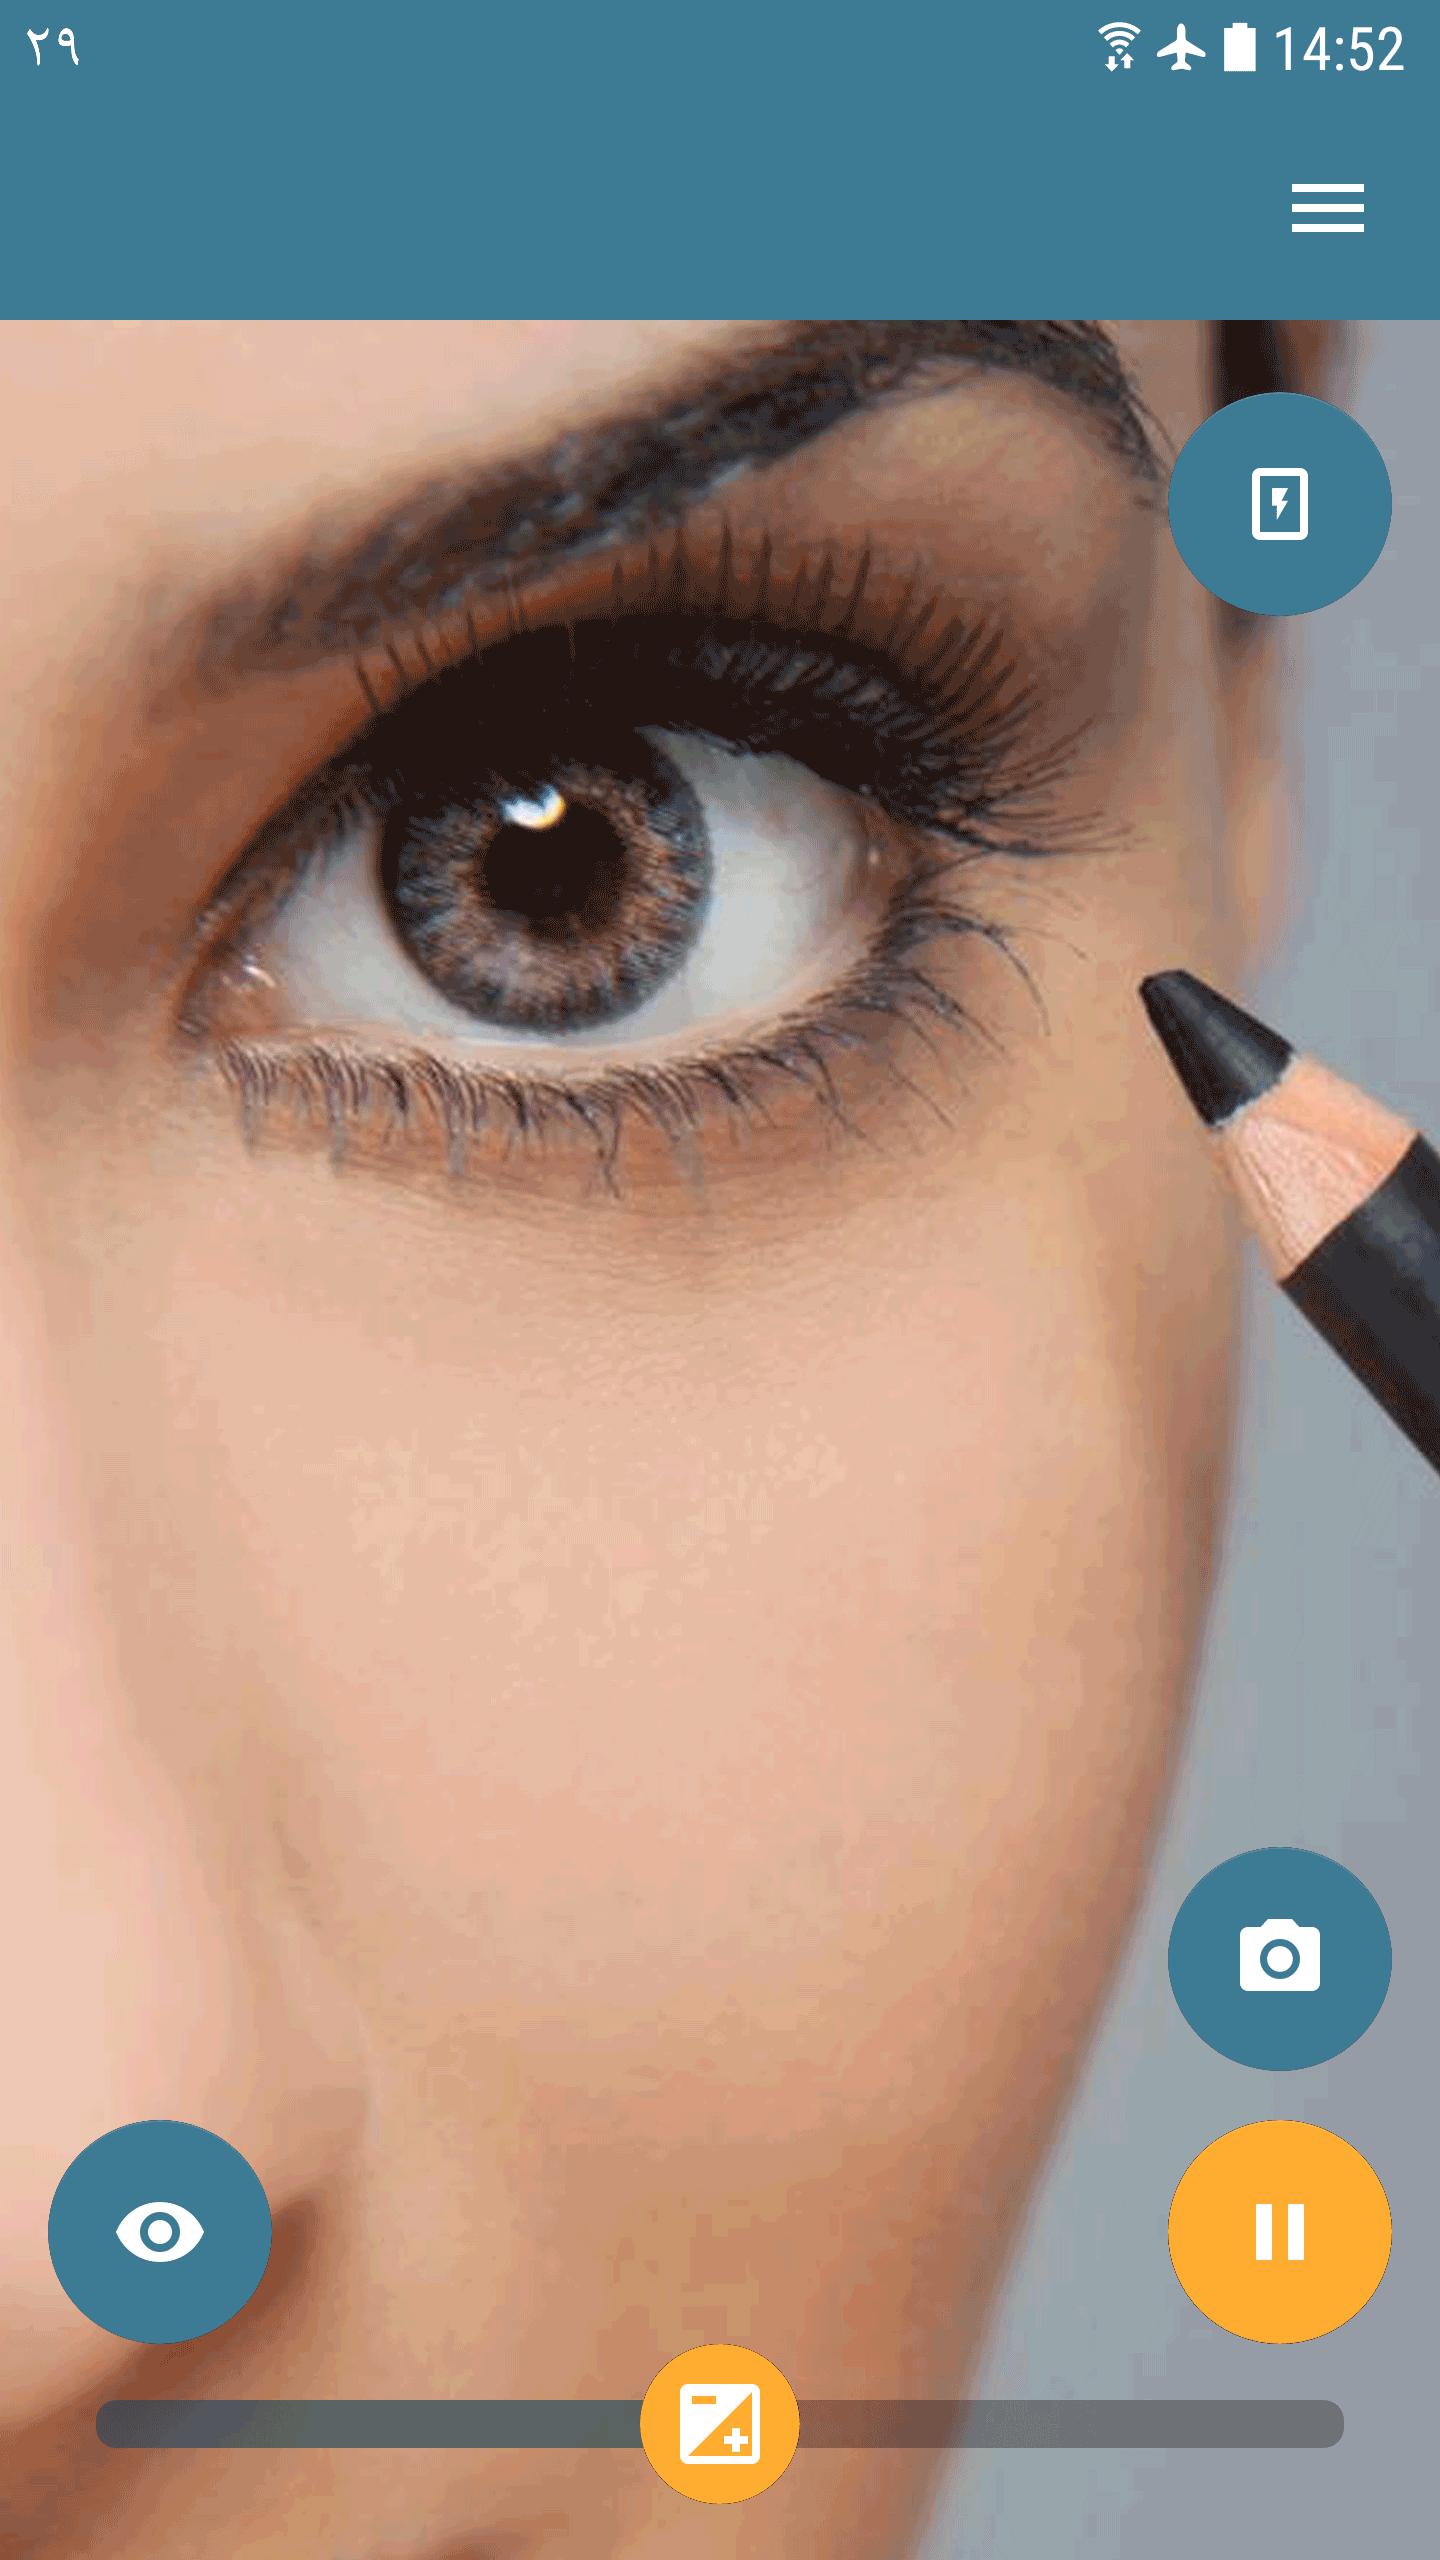 تصویر 2 آینه همراه